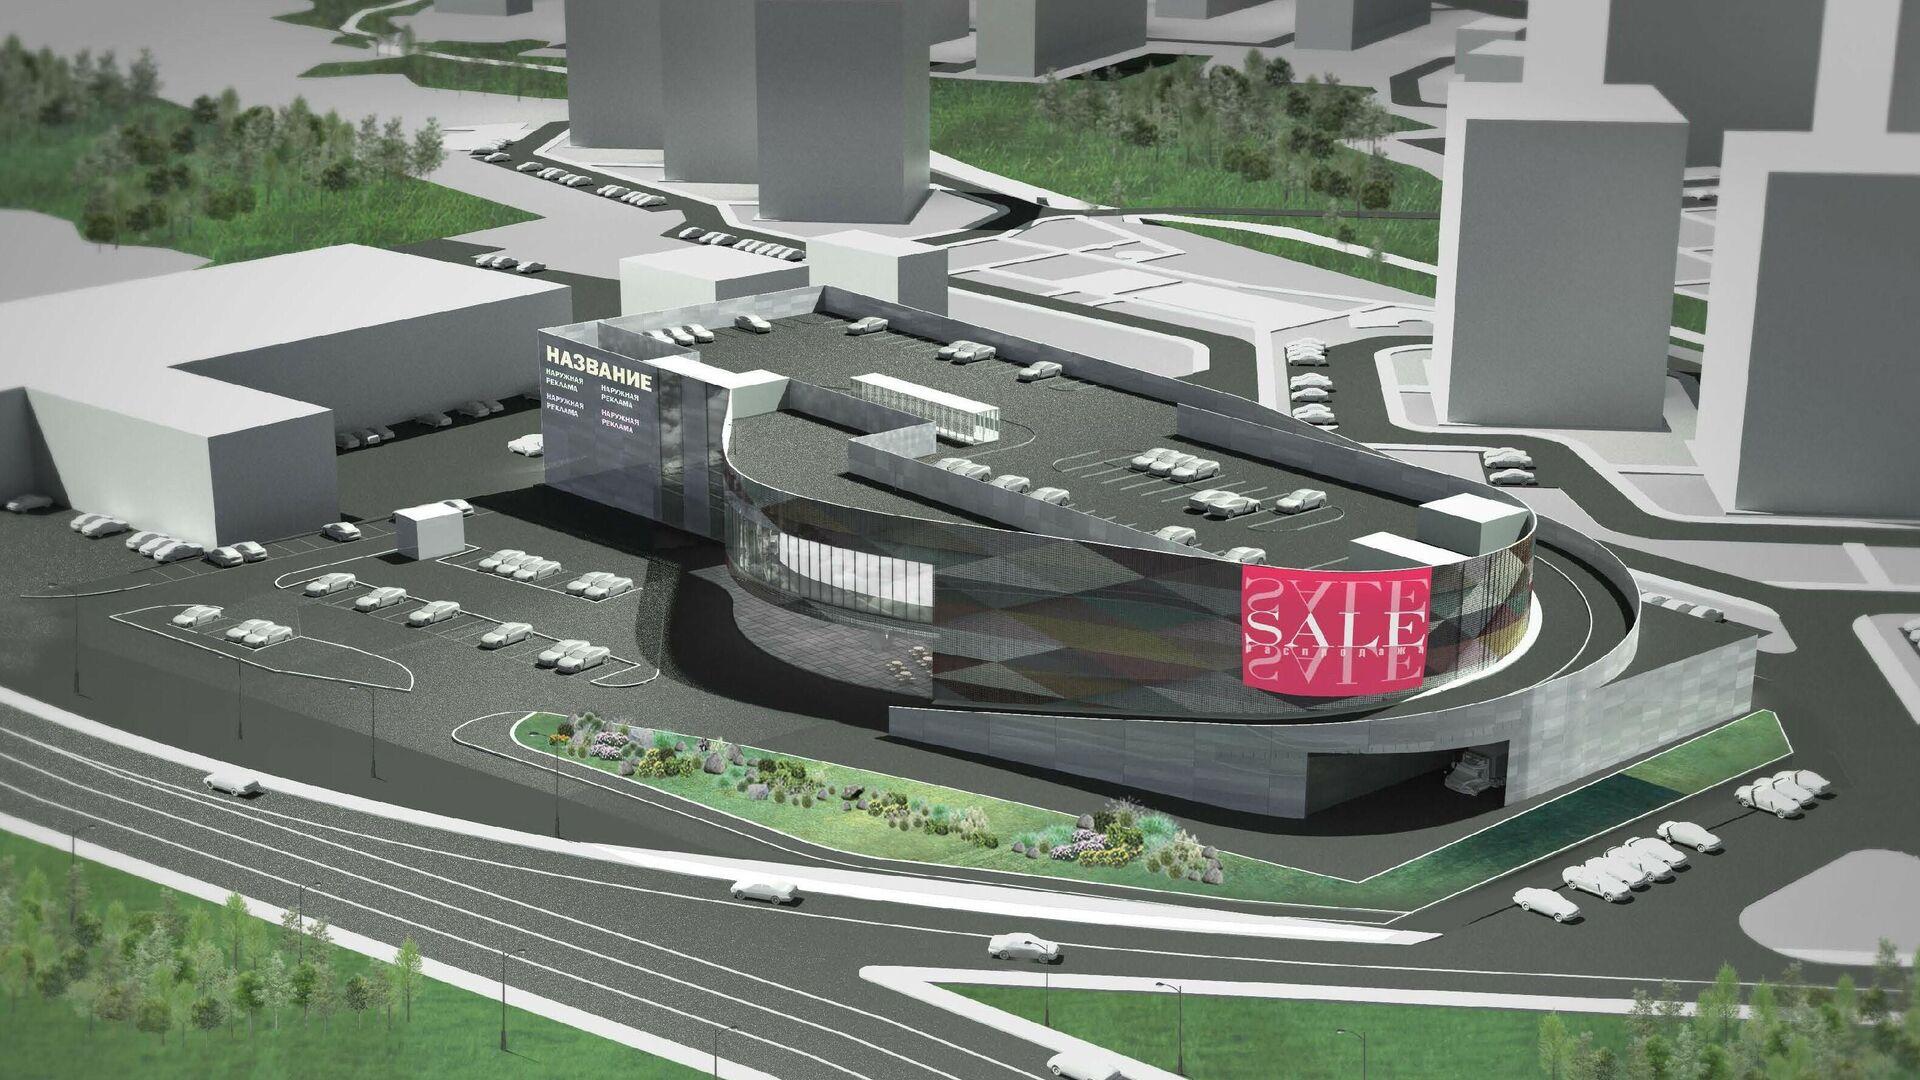 Проект торгового центра с паркингом на крыше в Коммунарке - РИА Новости, 1920, 02.03.2021